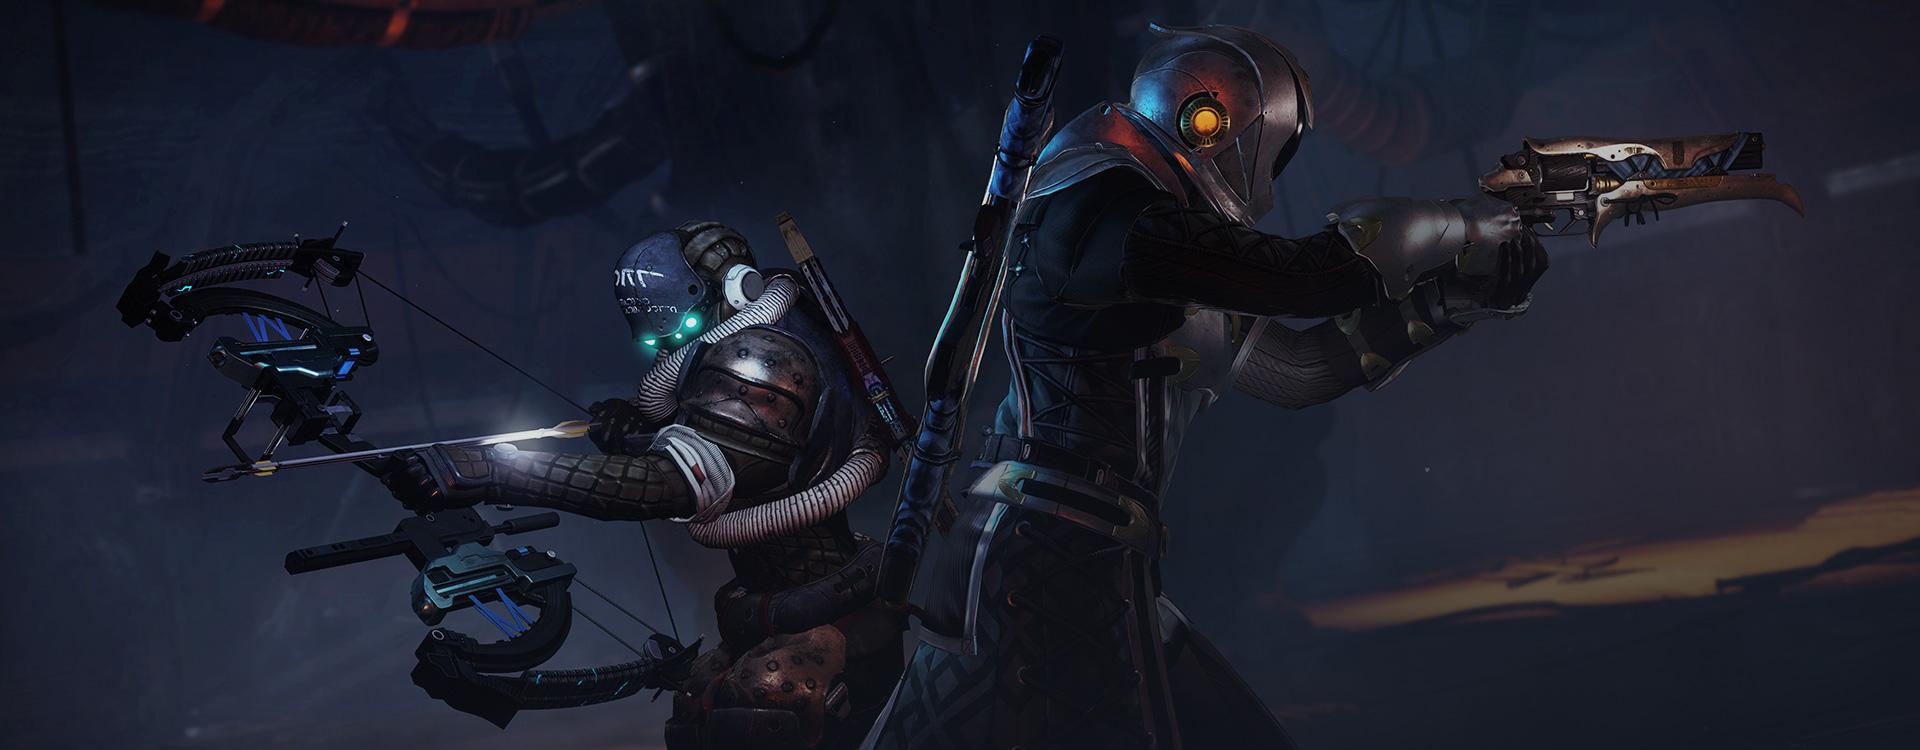 Destiny 2 Renegados